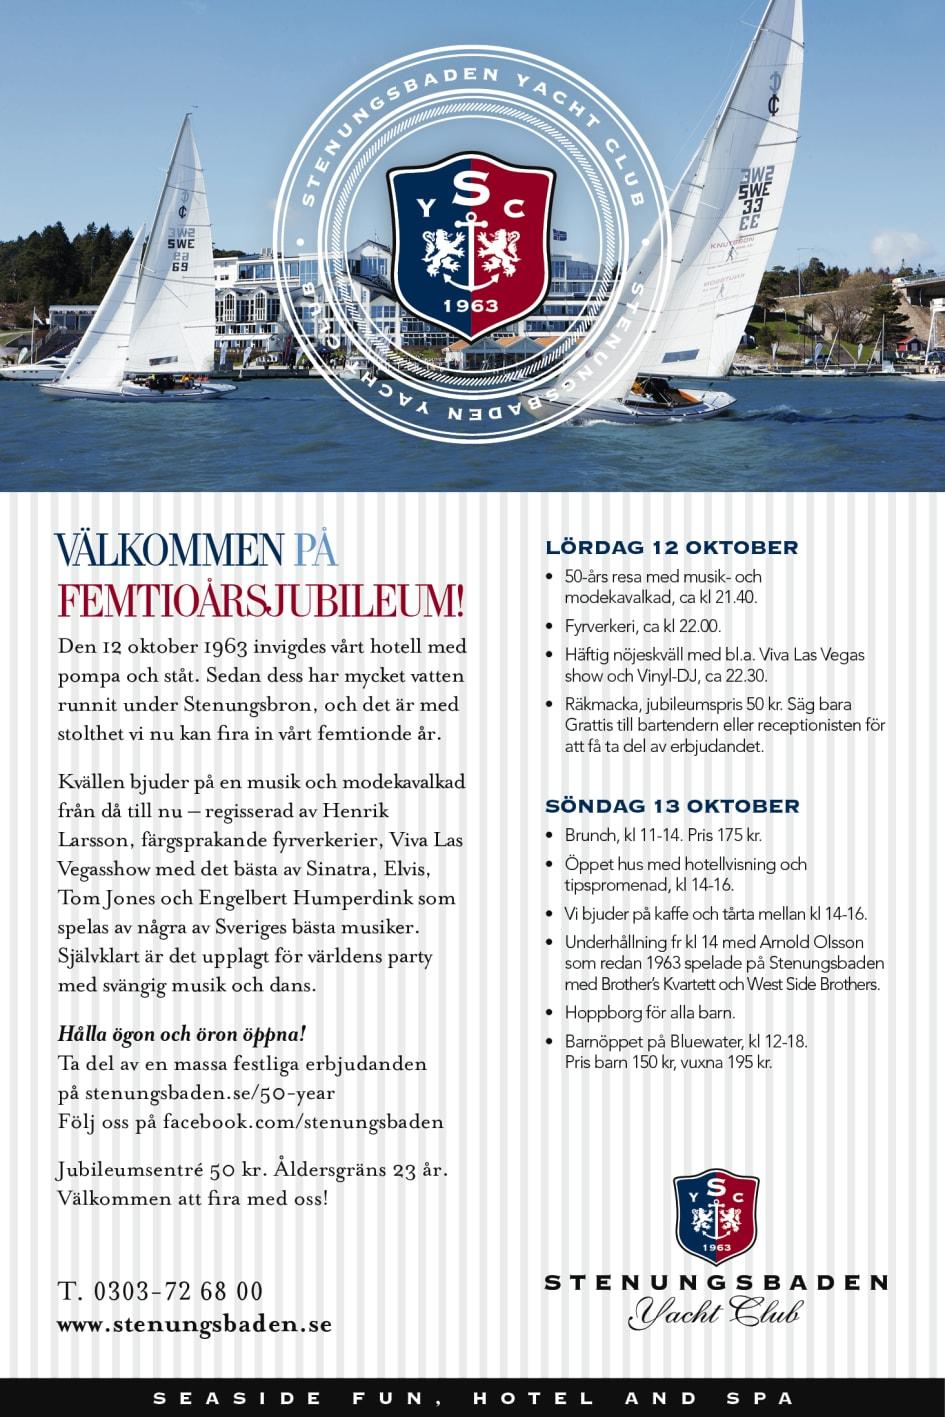 stenungsbaden 50 år Stenungsbaden Yacht Club, femtioårsjubileum   Stenungsbaden Yacht Club stenungsbaden 50 år